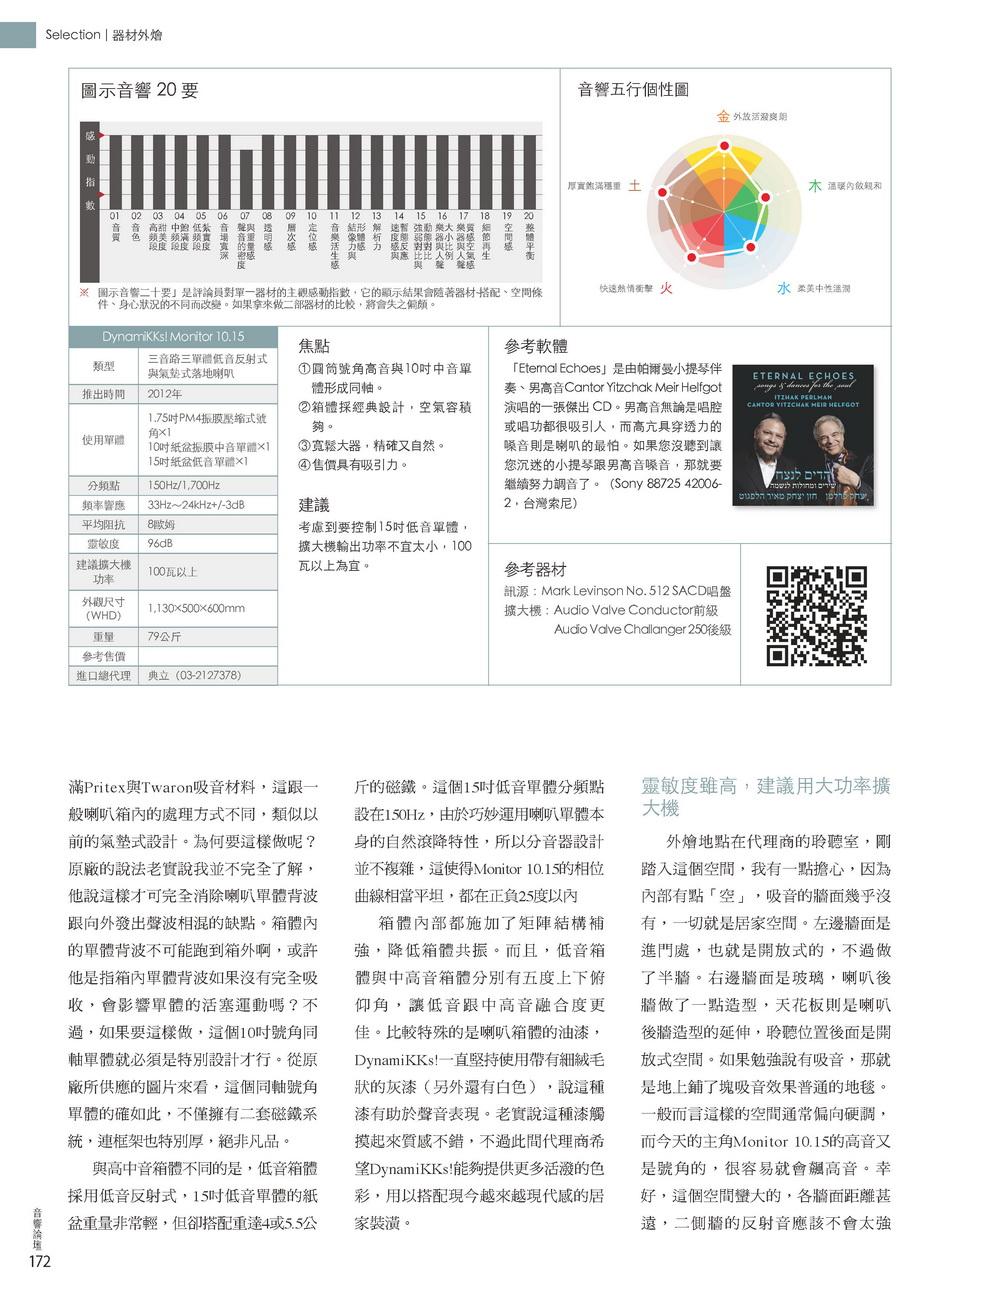 dynamikks-monitor-10-15_%e9%a0%81%e9%9d%a2_3